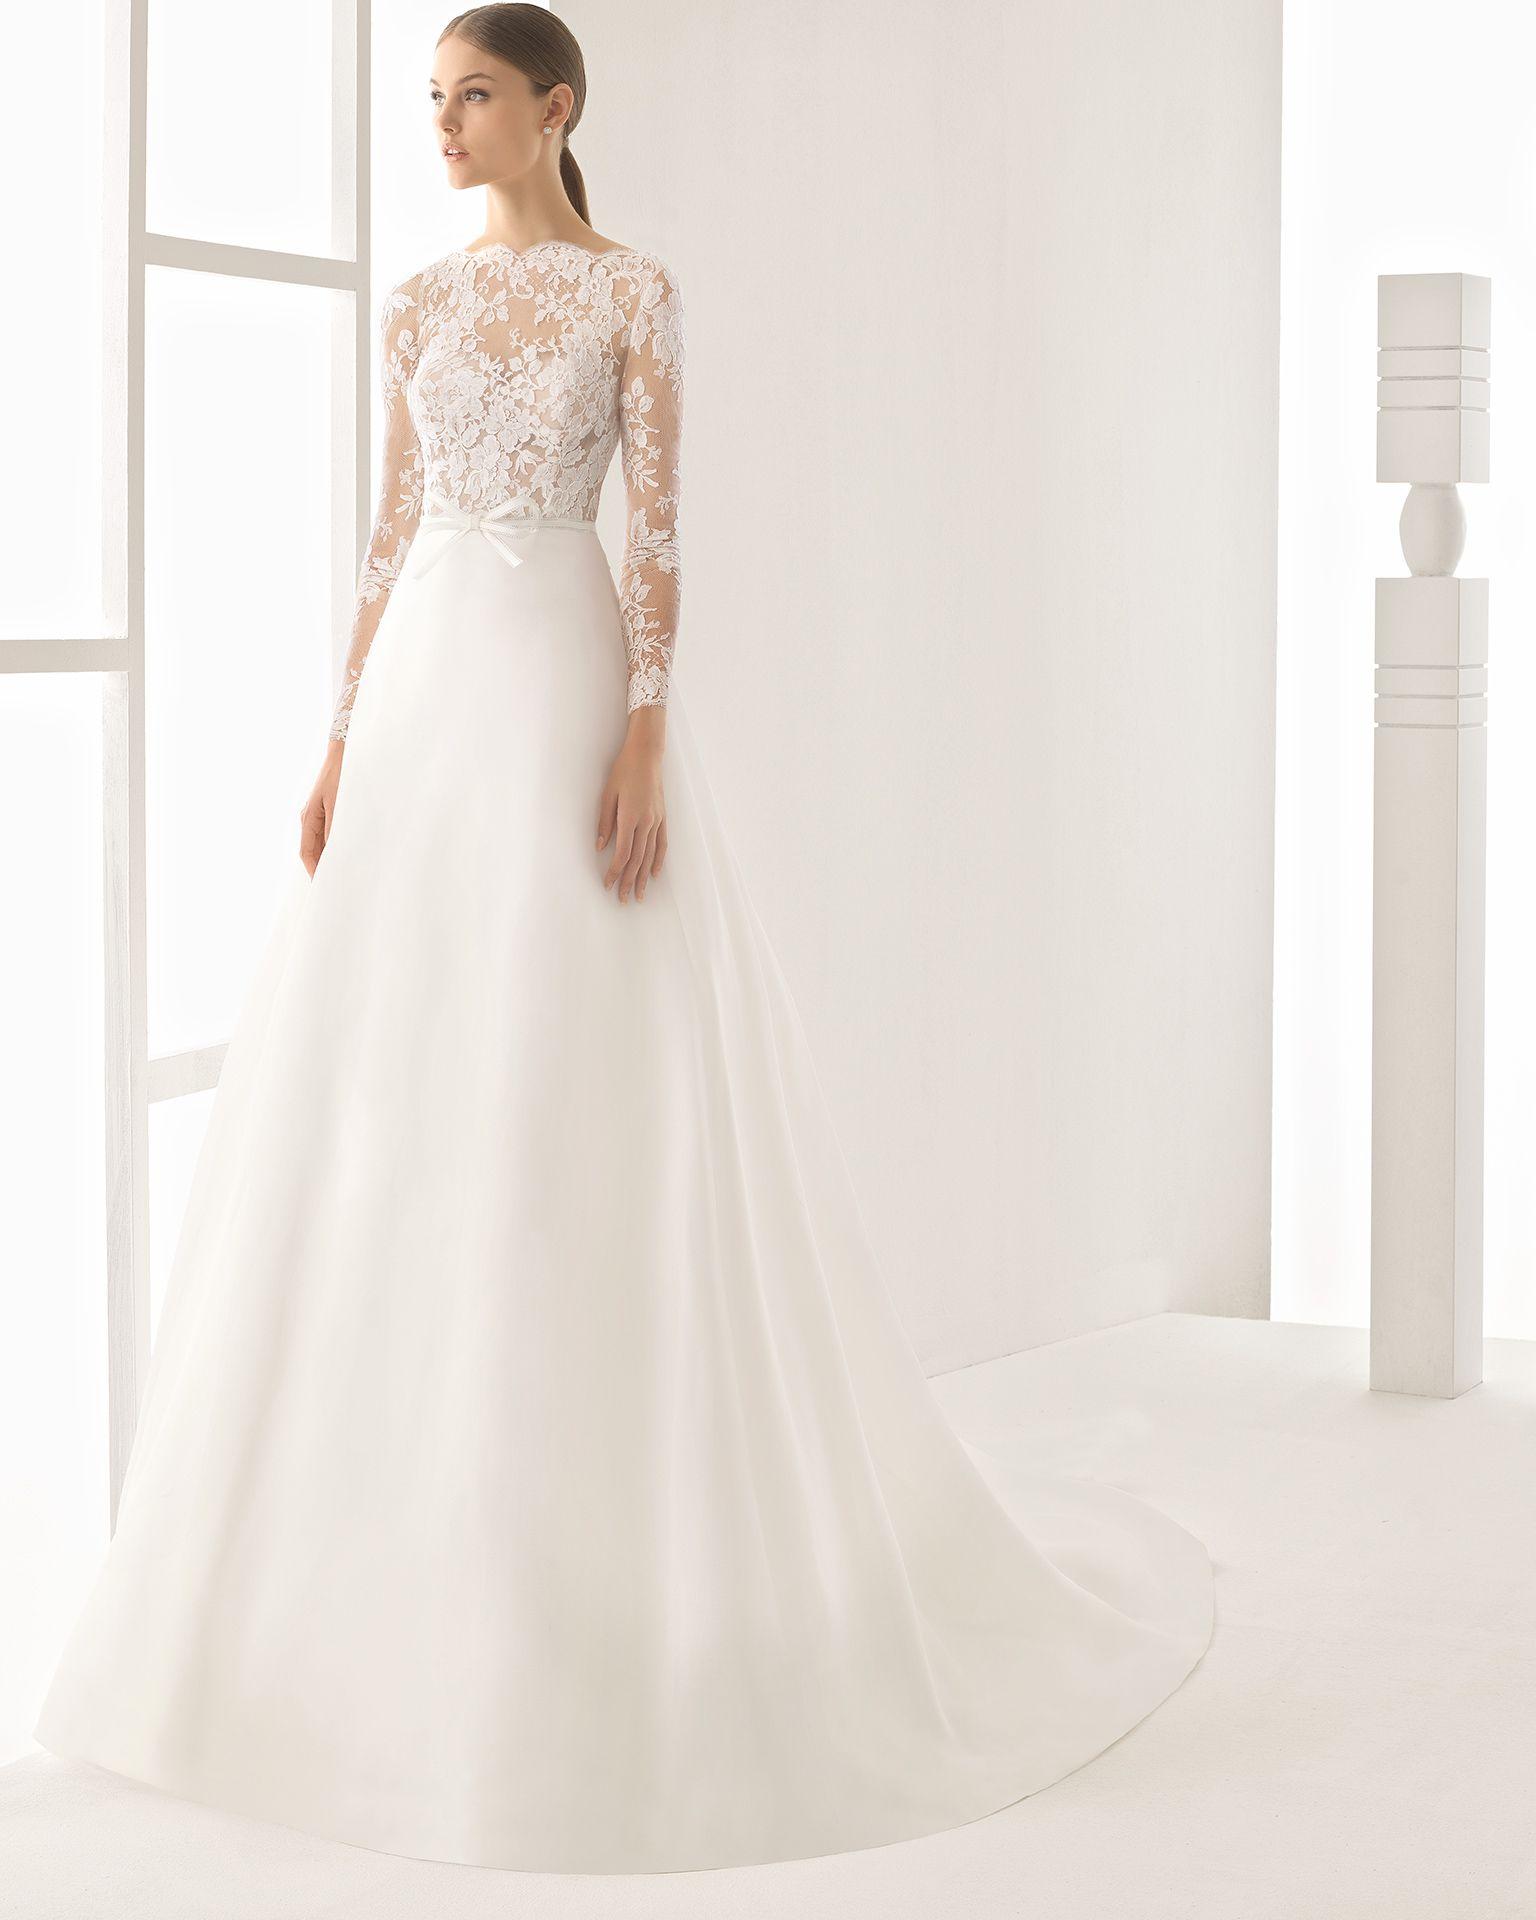 Nilo 2017 Bridal Collection Rosa Clará